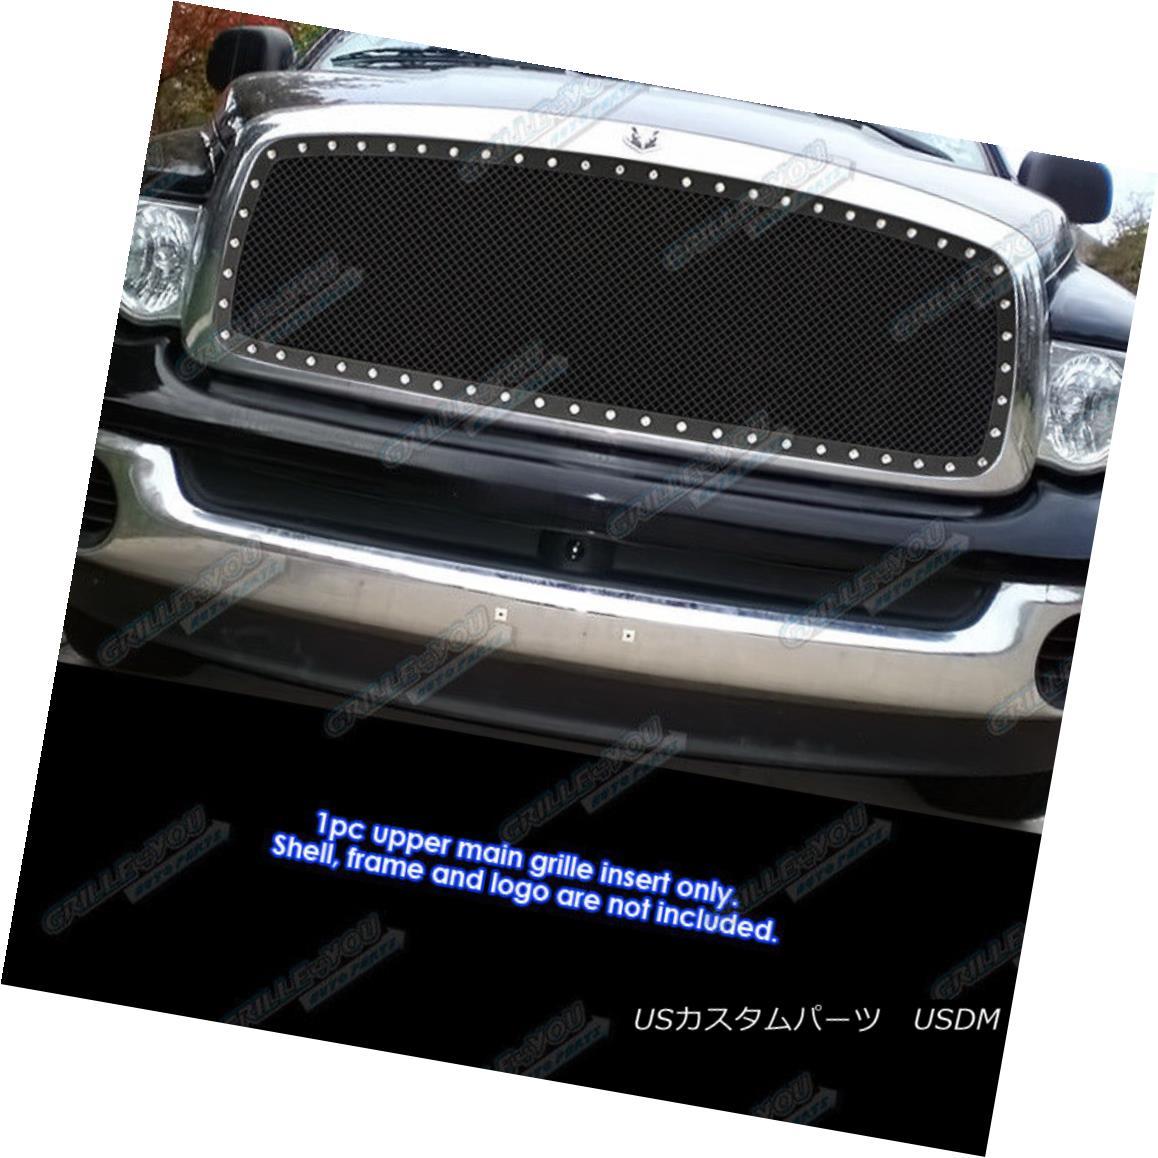 グリル Fits 2002-2005 Dodge Ram Black Stainless Steel Mesh Grille Grill Insert フィット2002-2005ダッジラムブラックステンレスメッシュグリルグリルインサート